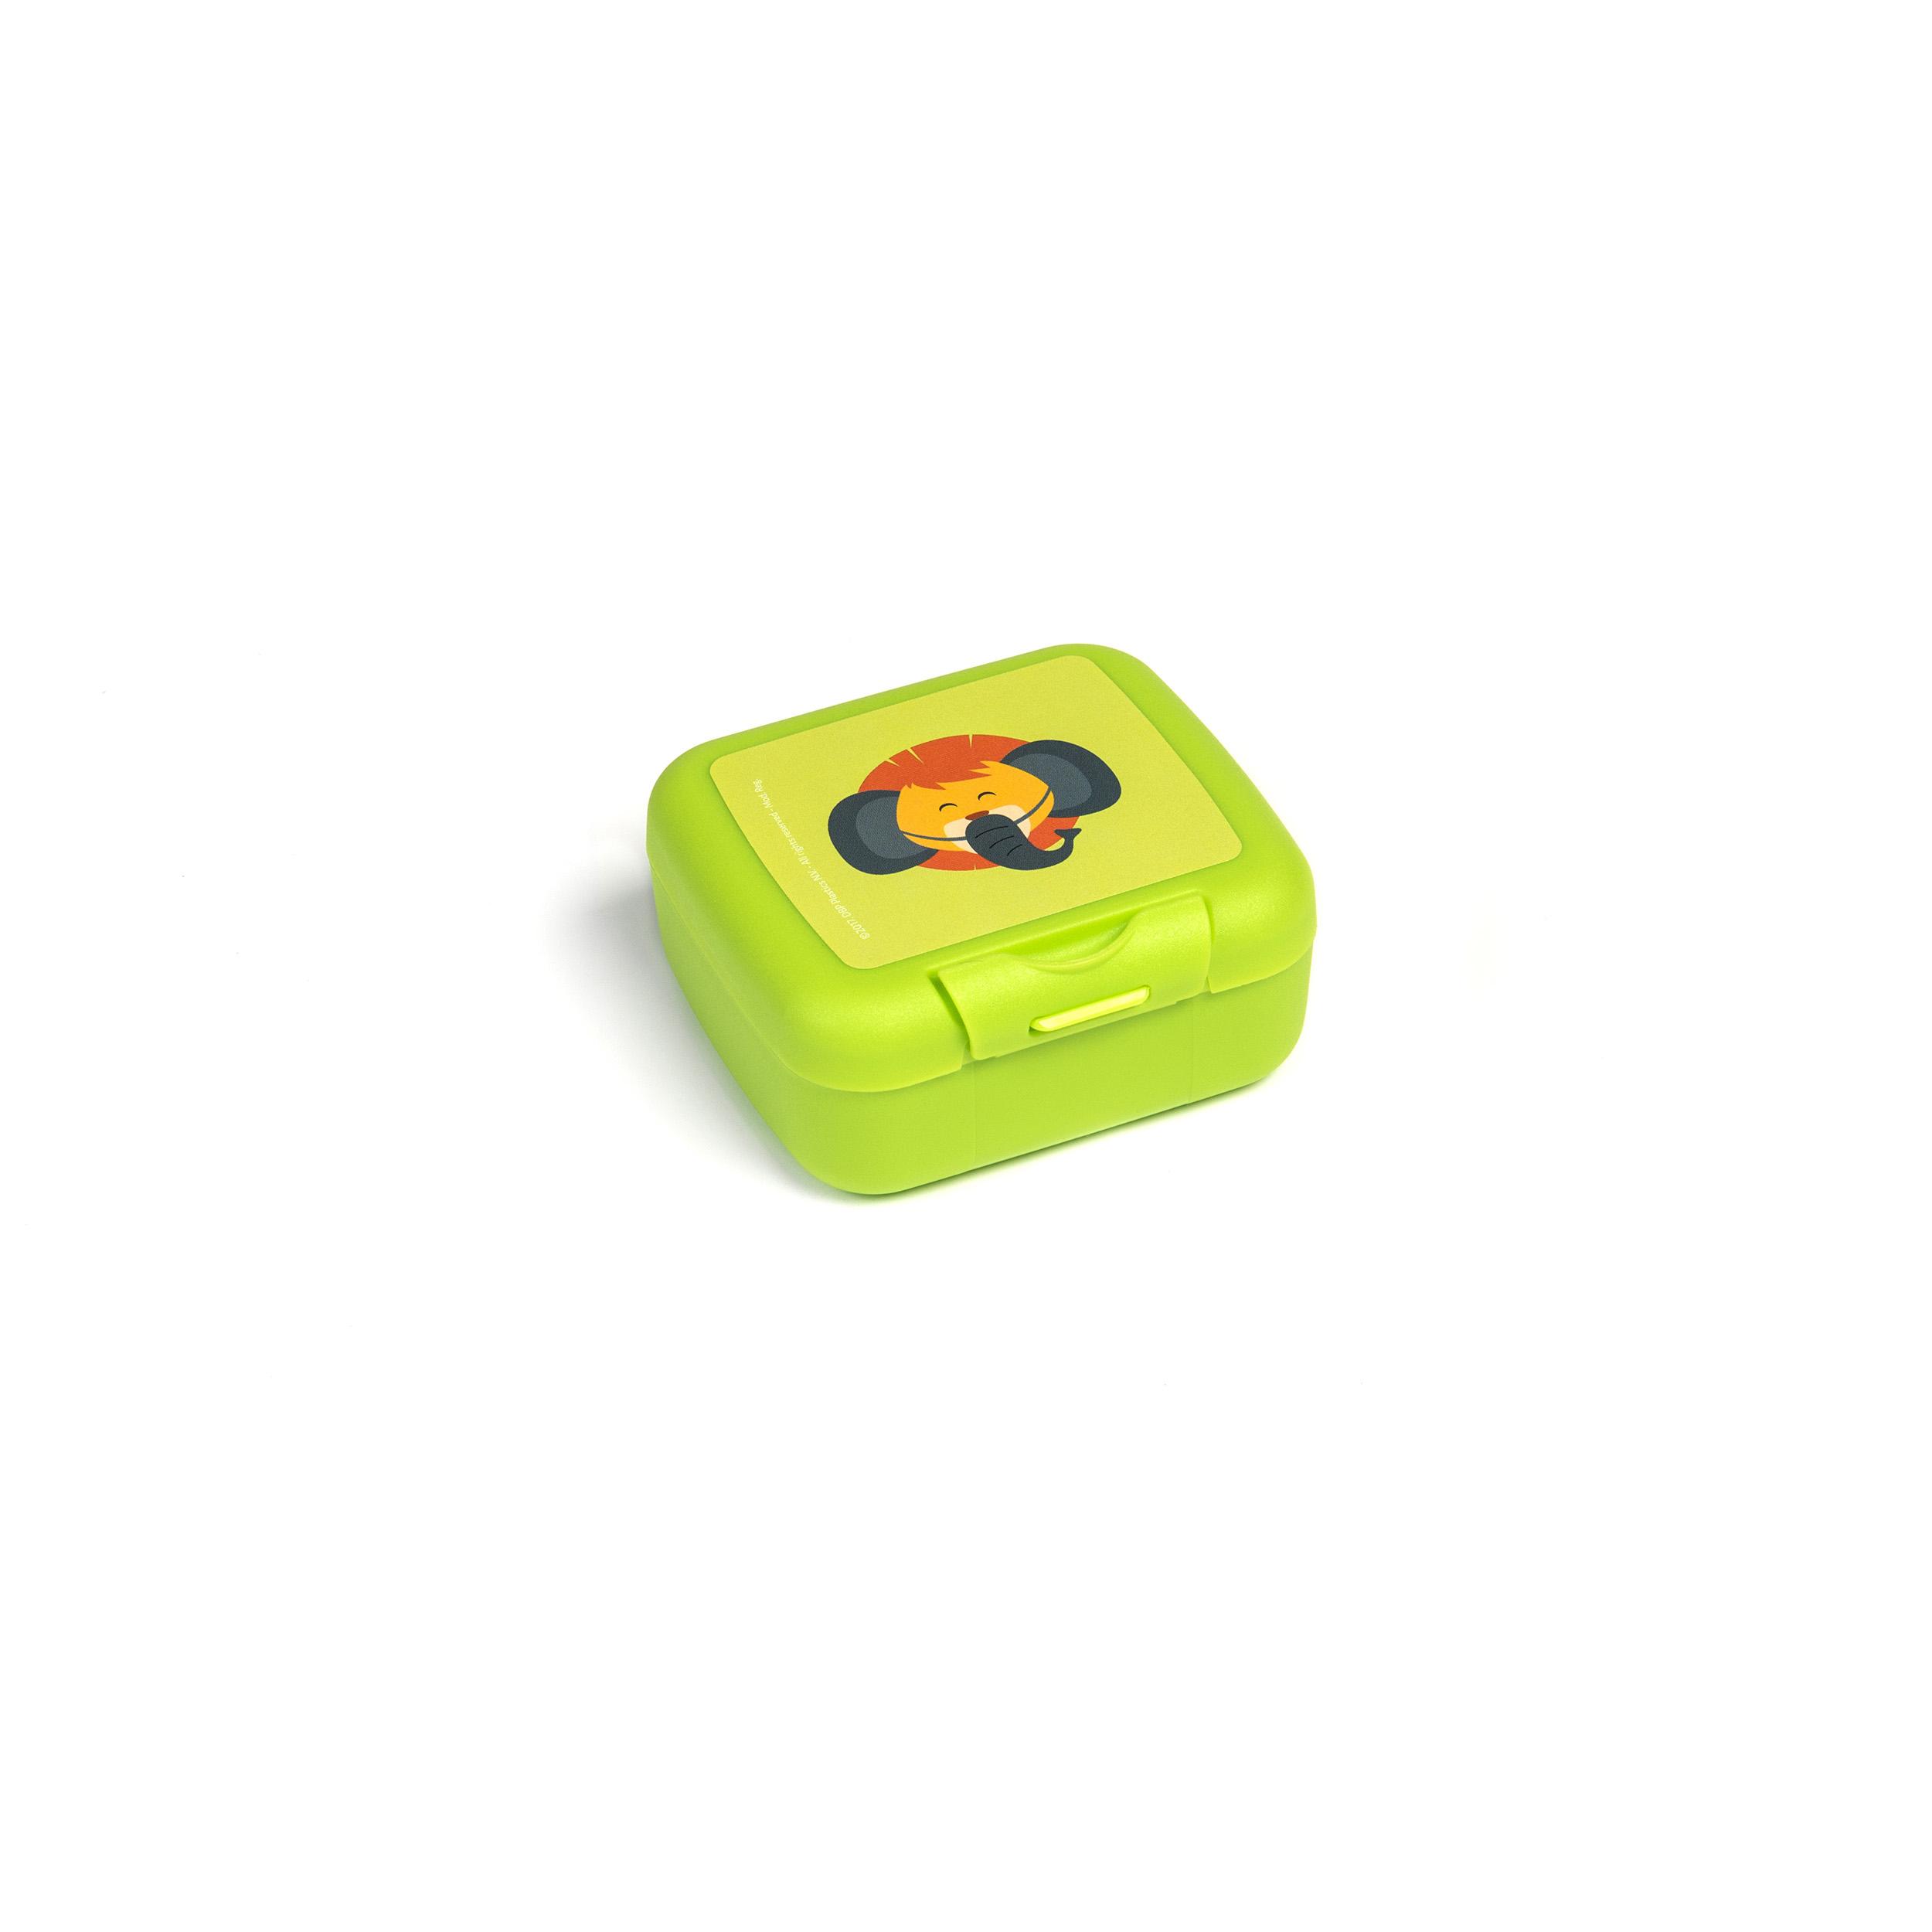 Green A-000134